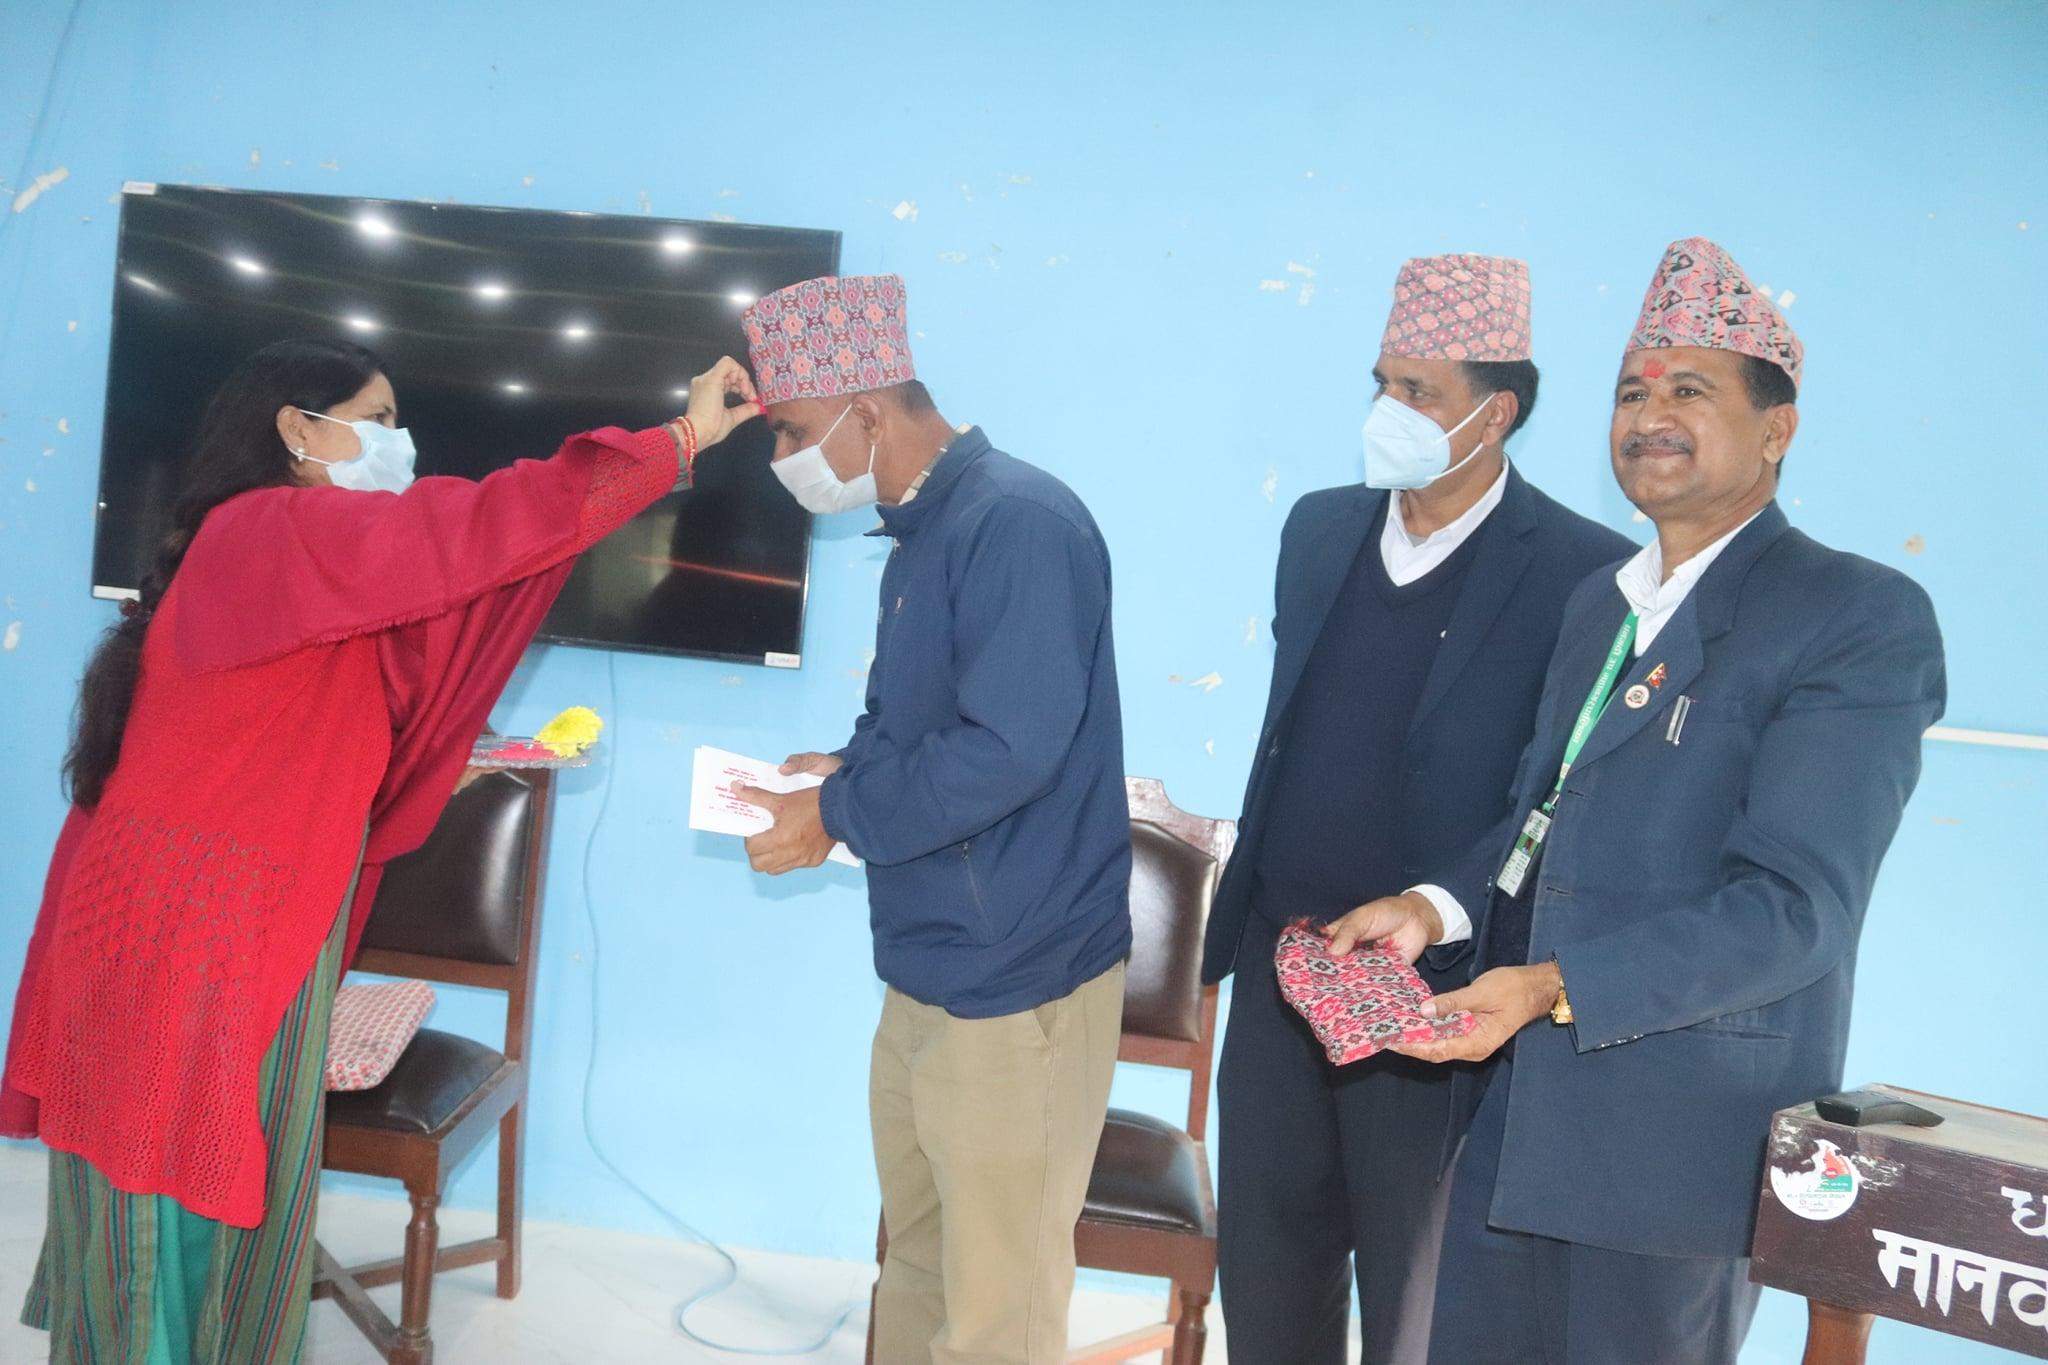 धनगढीका शिक्षा यूवा तथा खेलकुद महाशाखा प्रमुख कोईरालाको बिदाई